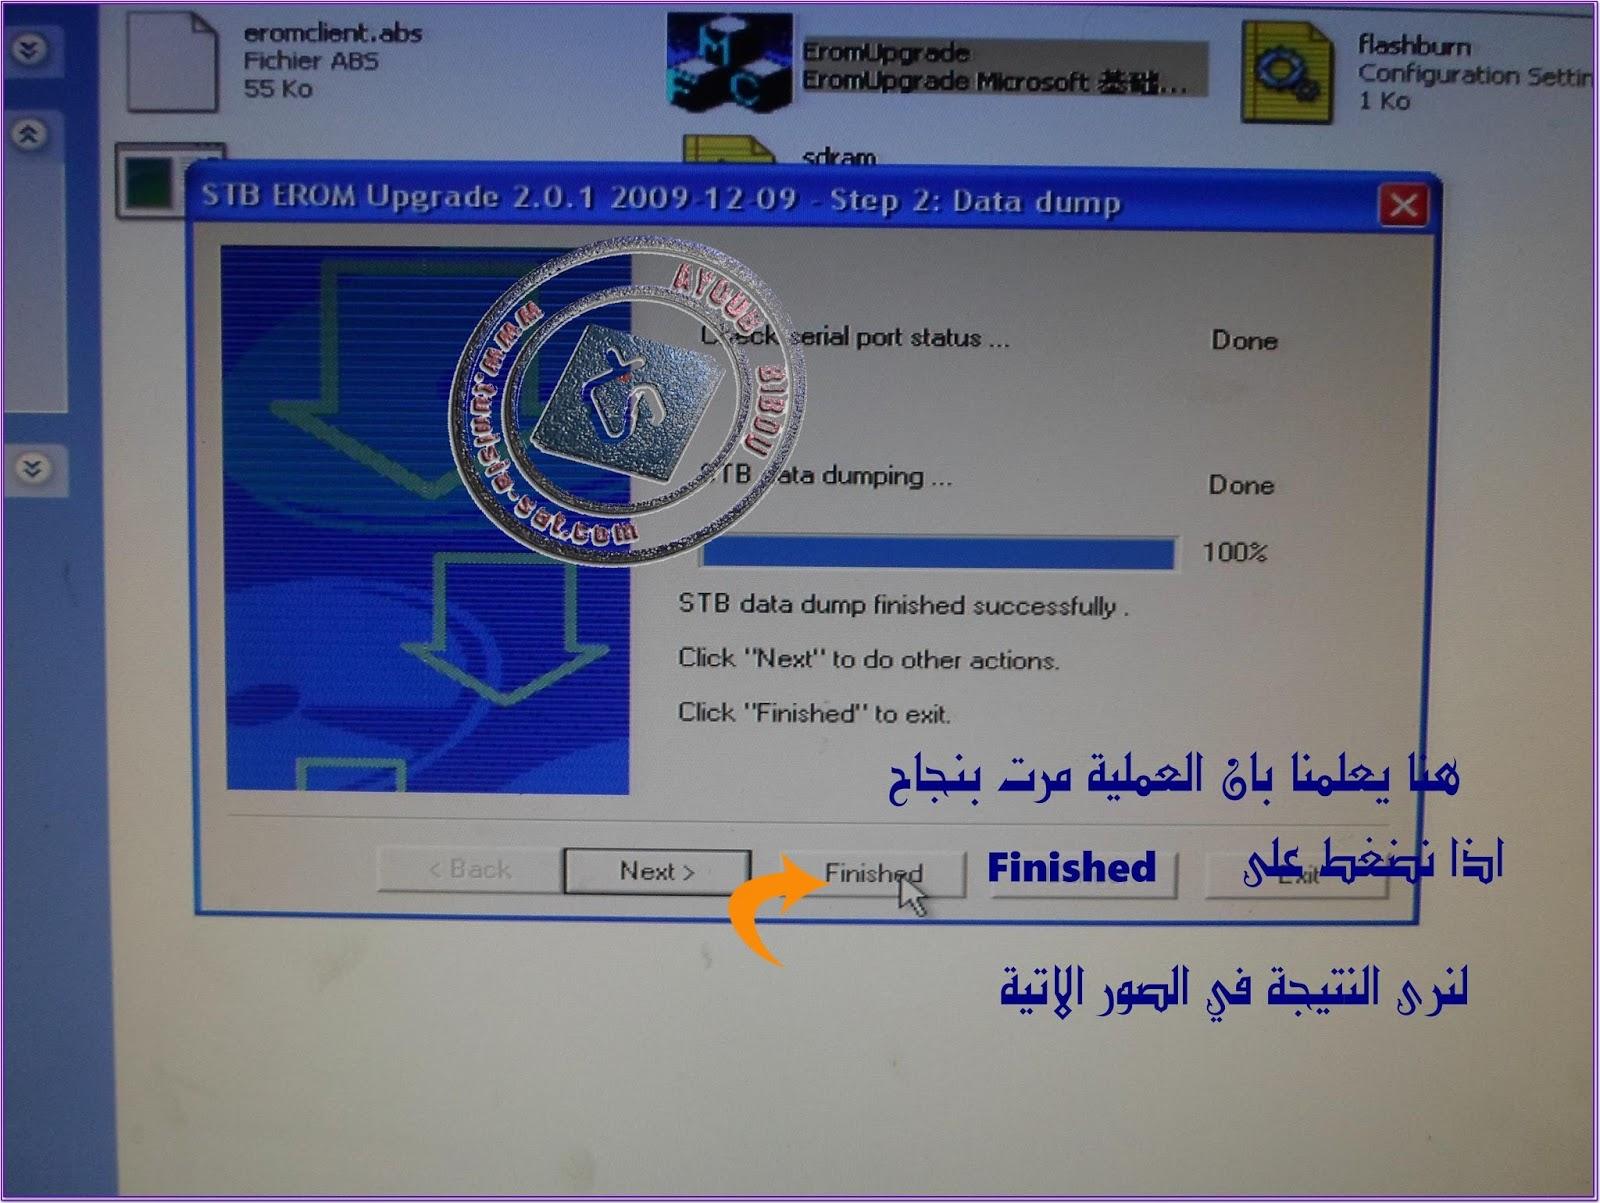 JOUR A STARSAT MISE USB TÉLÉCHARGER GRATUITEMENT SR-X7100